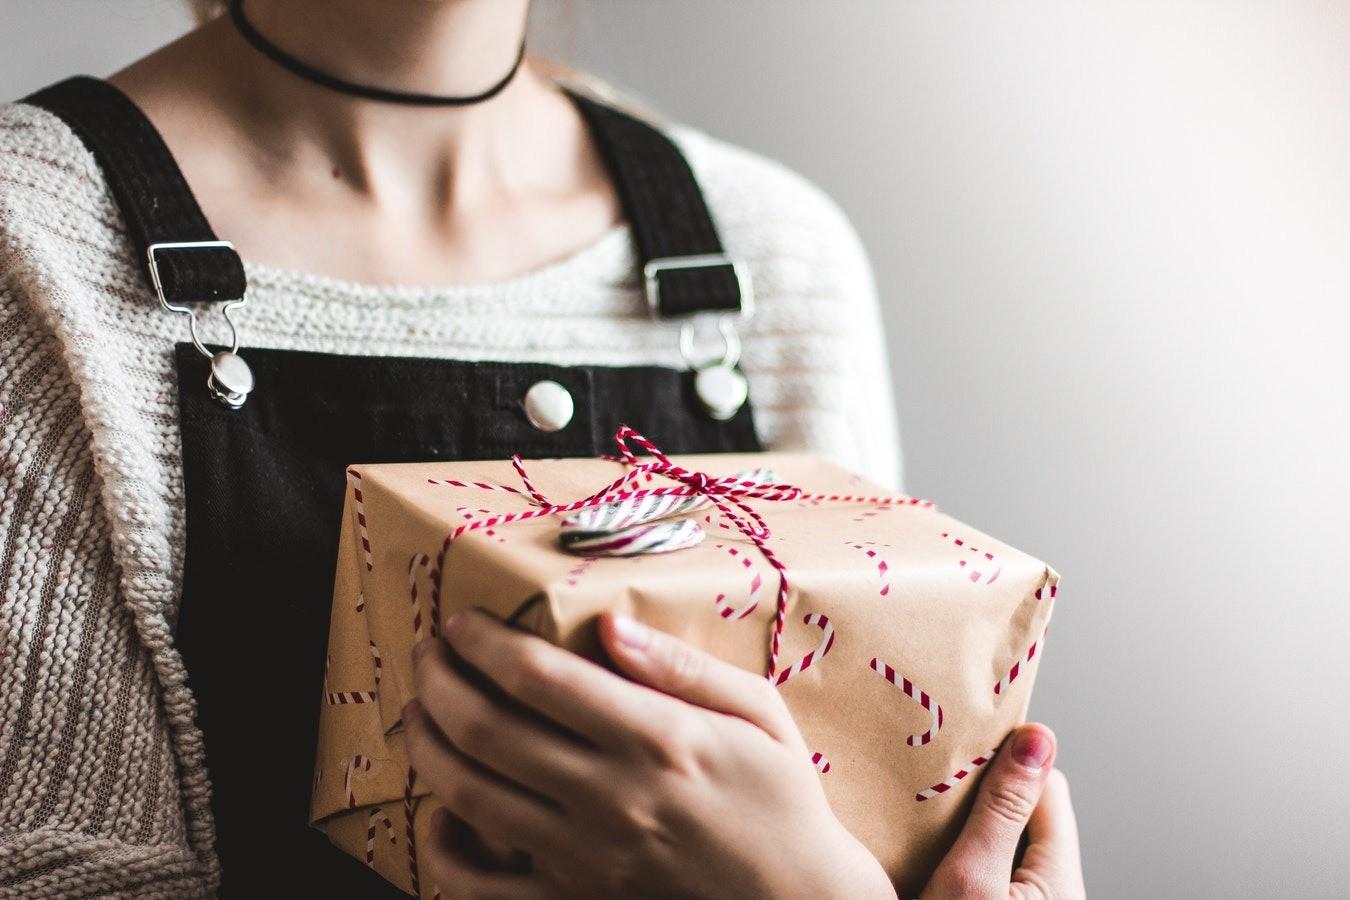 Это лучше не дарить: мужчины рассказали о самых нелепых подарках на 23 февраля